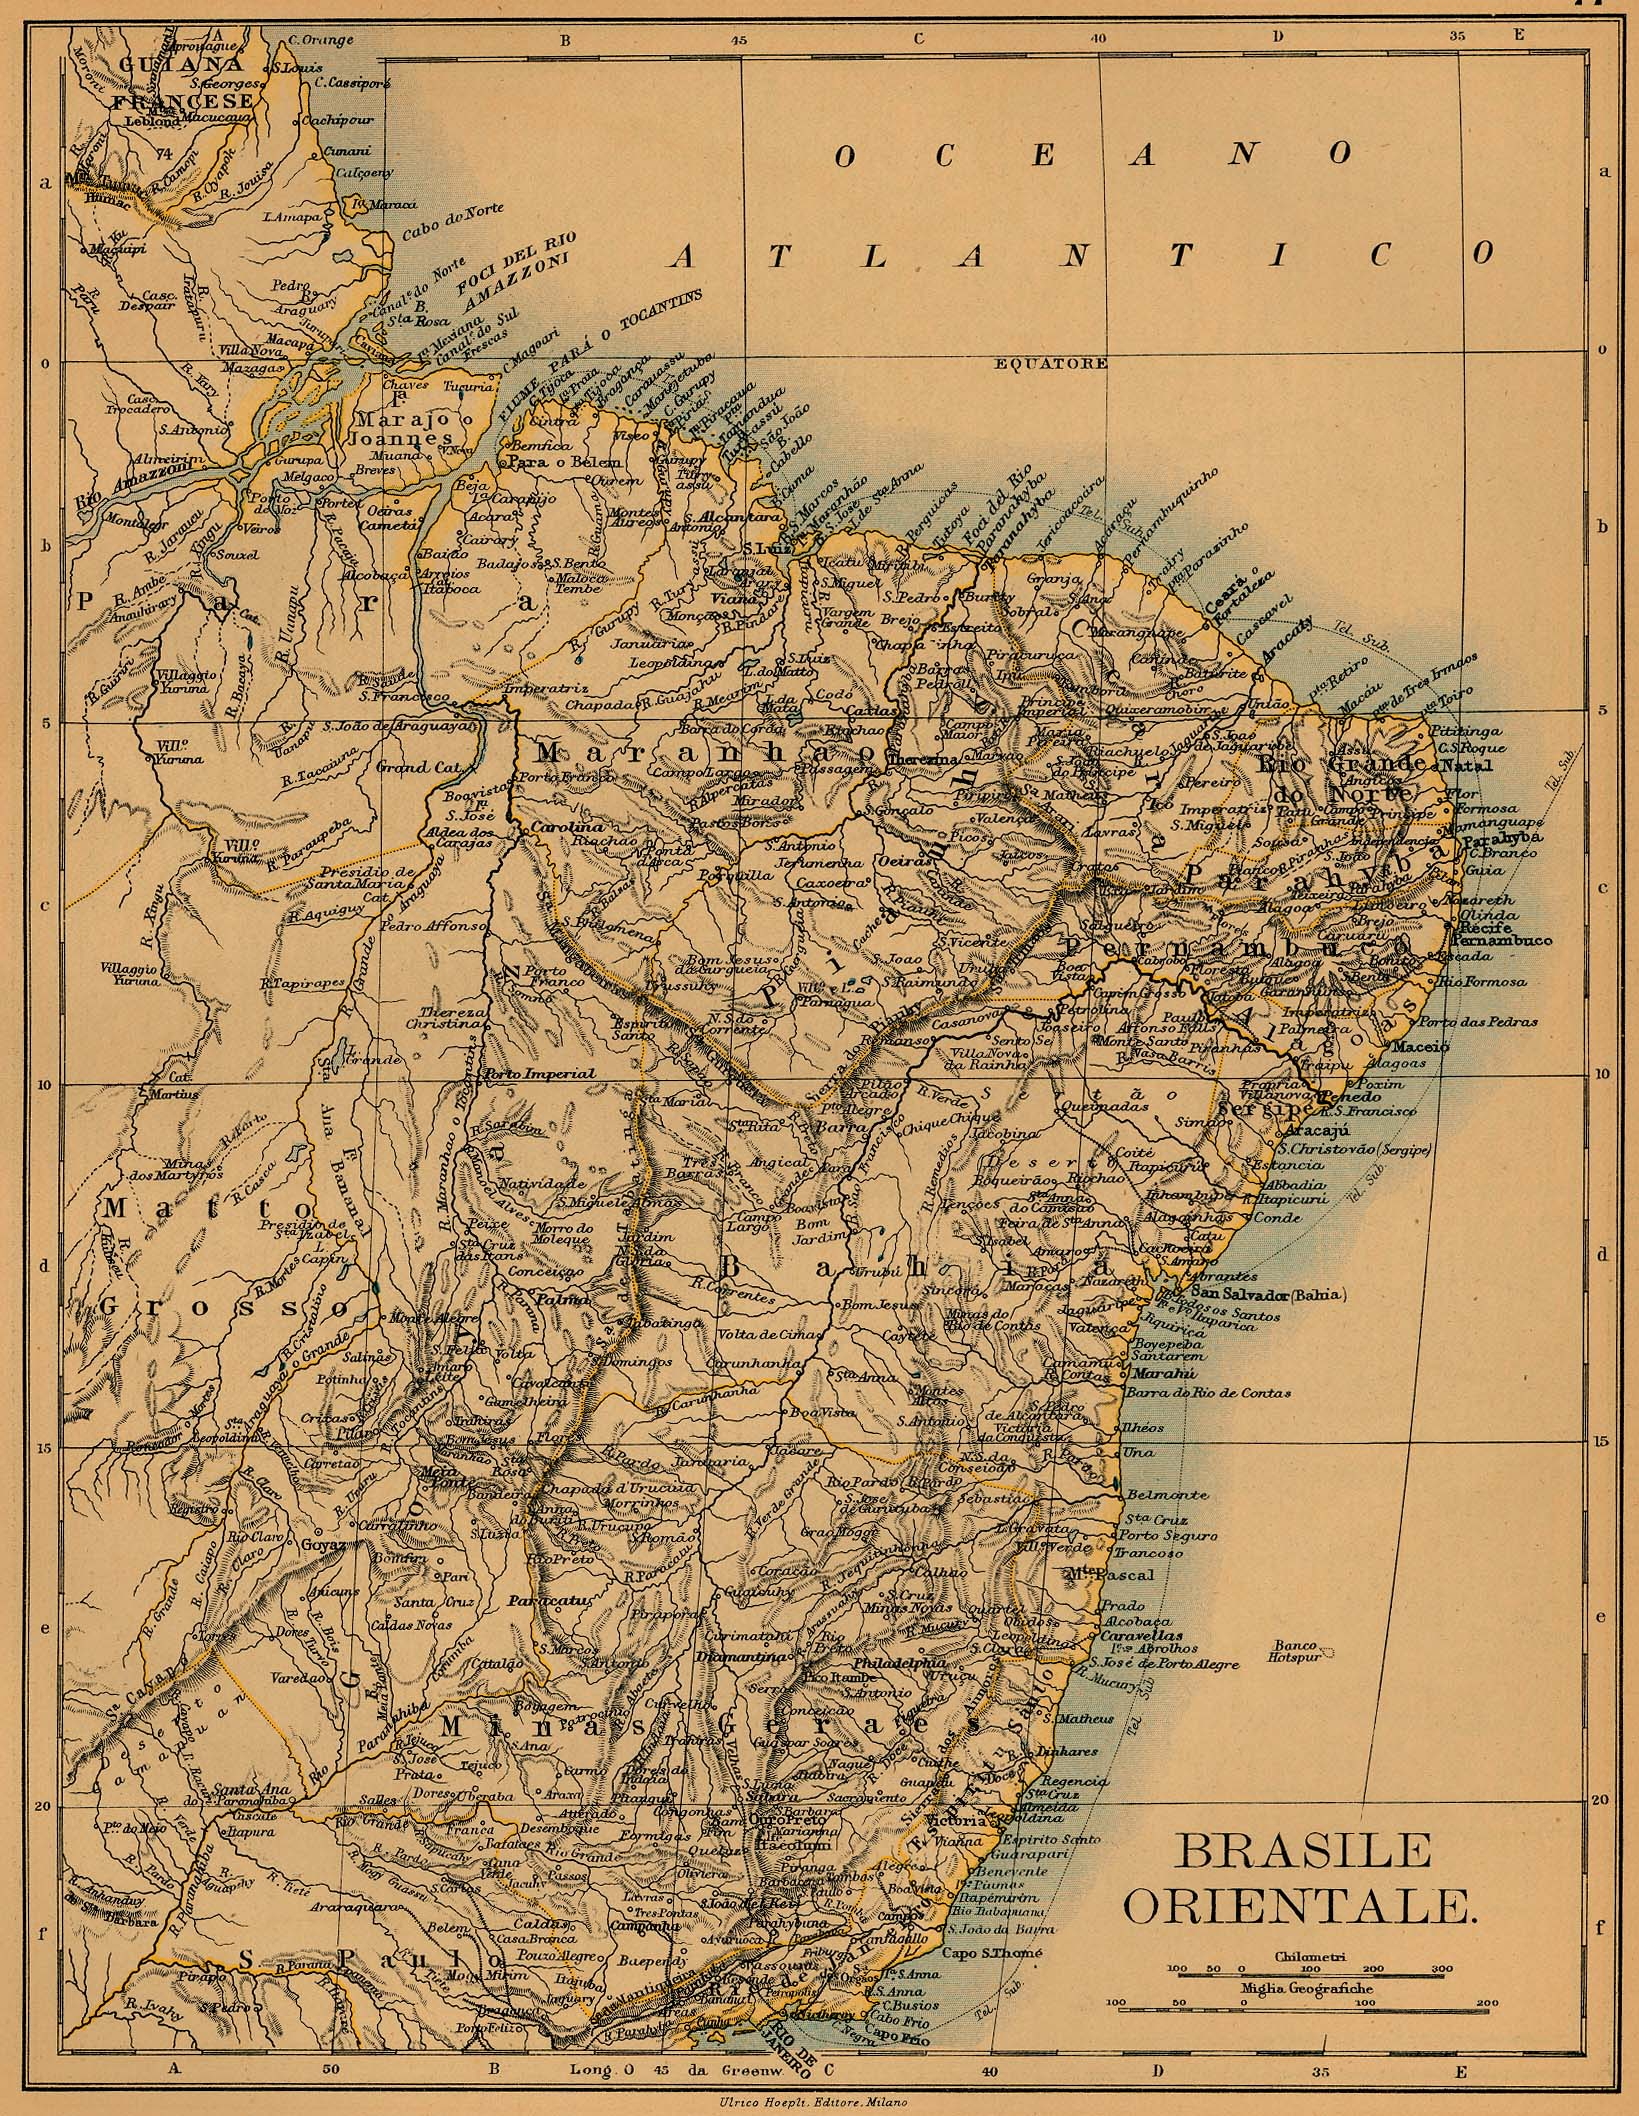 Mapa de Brasil Oriental 1899